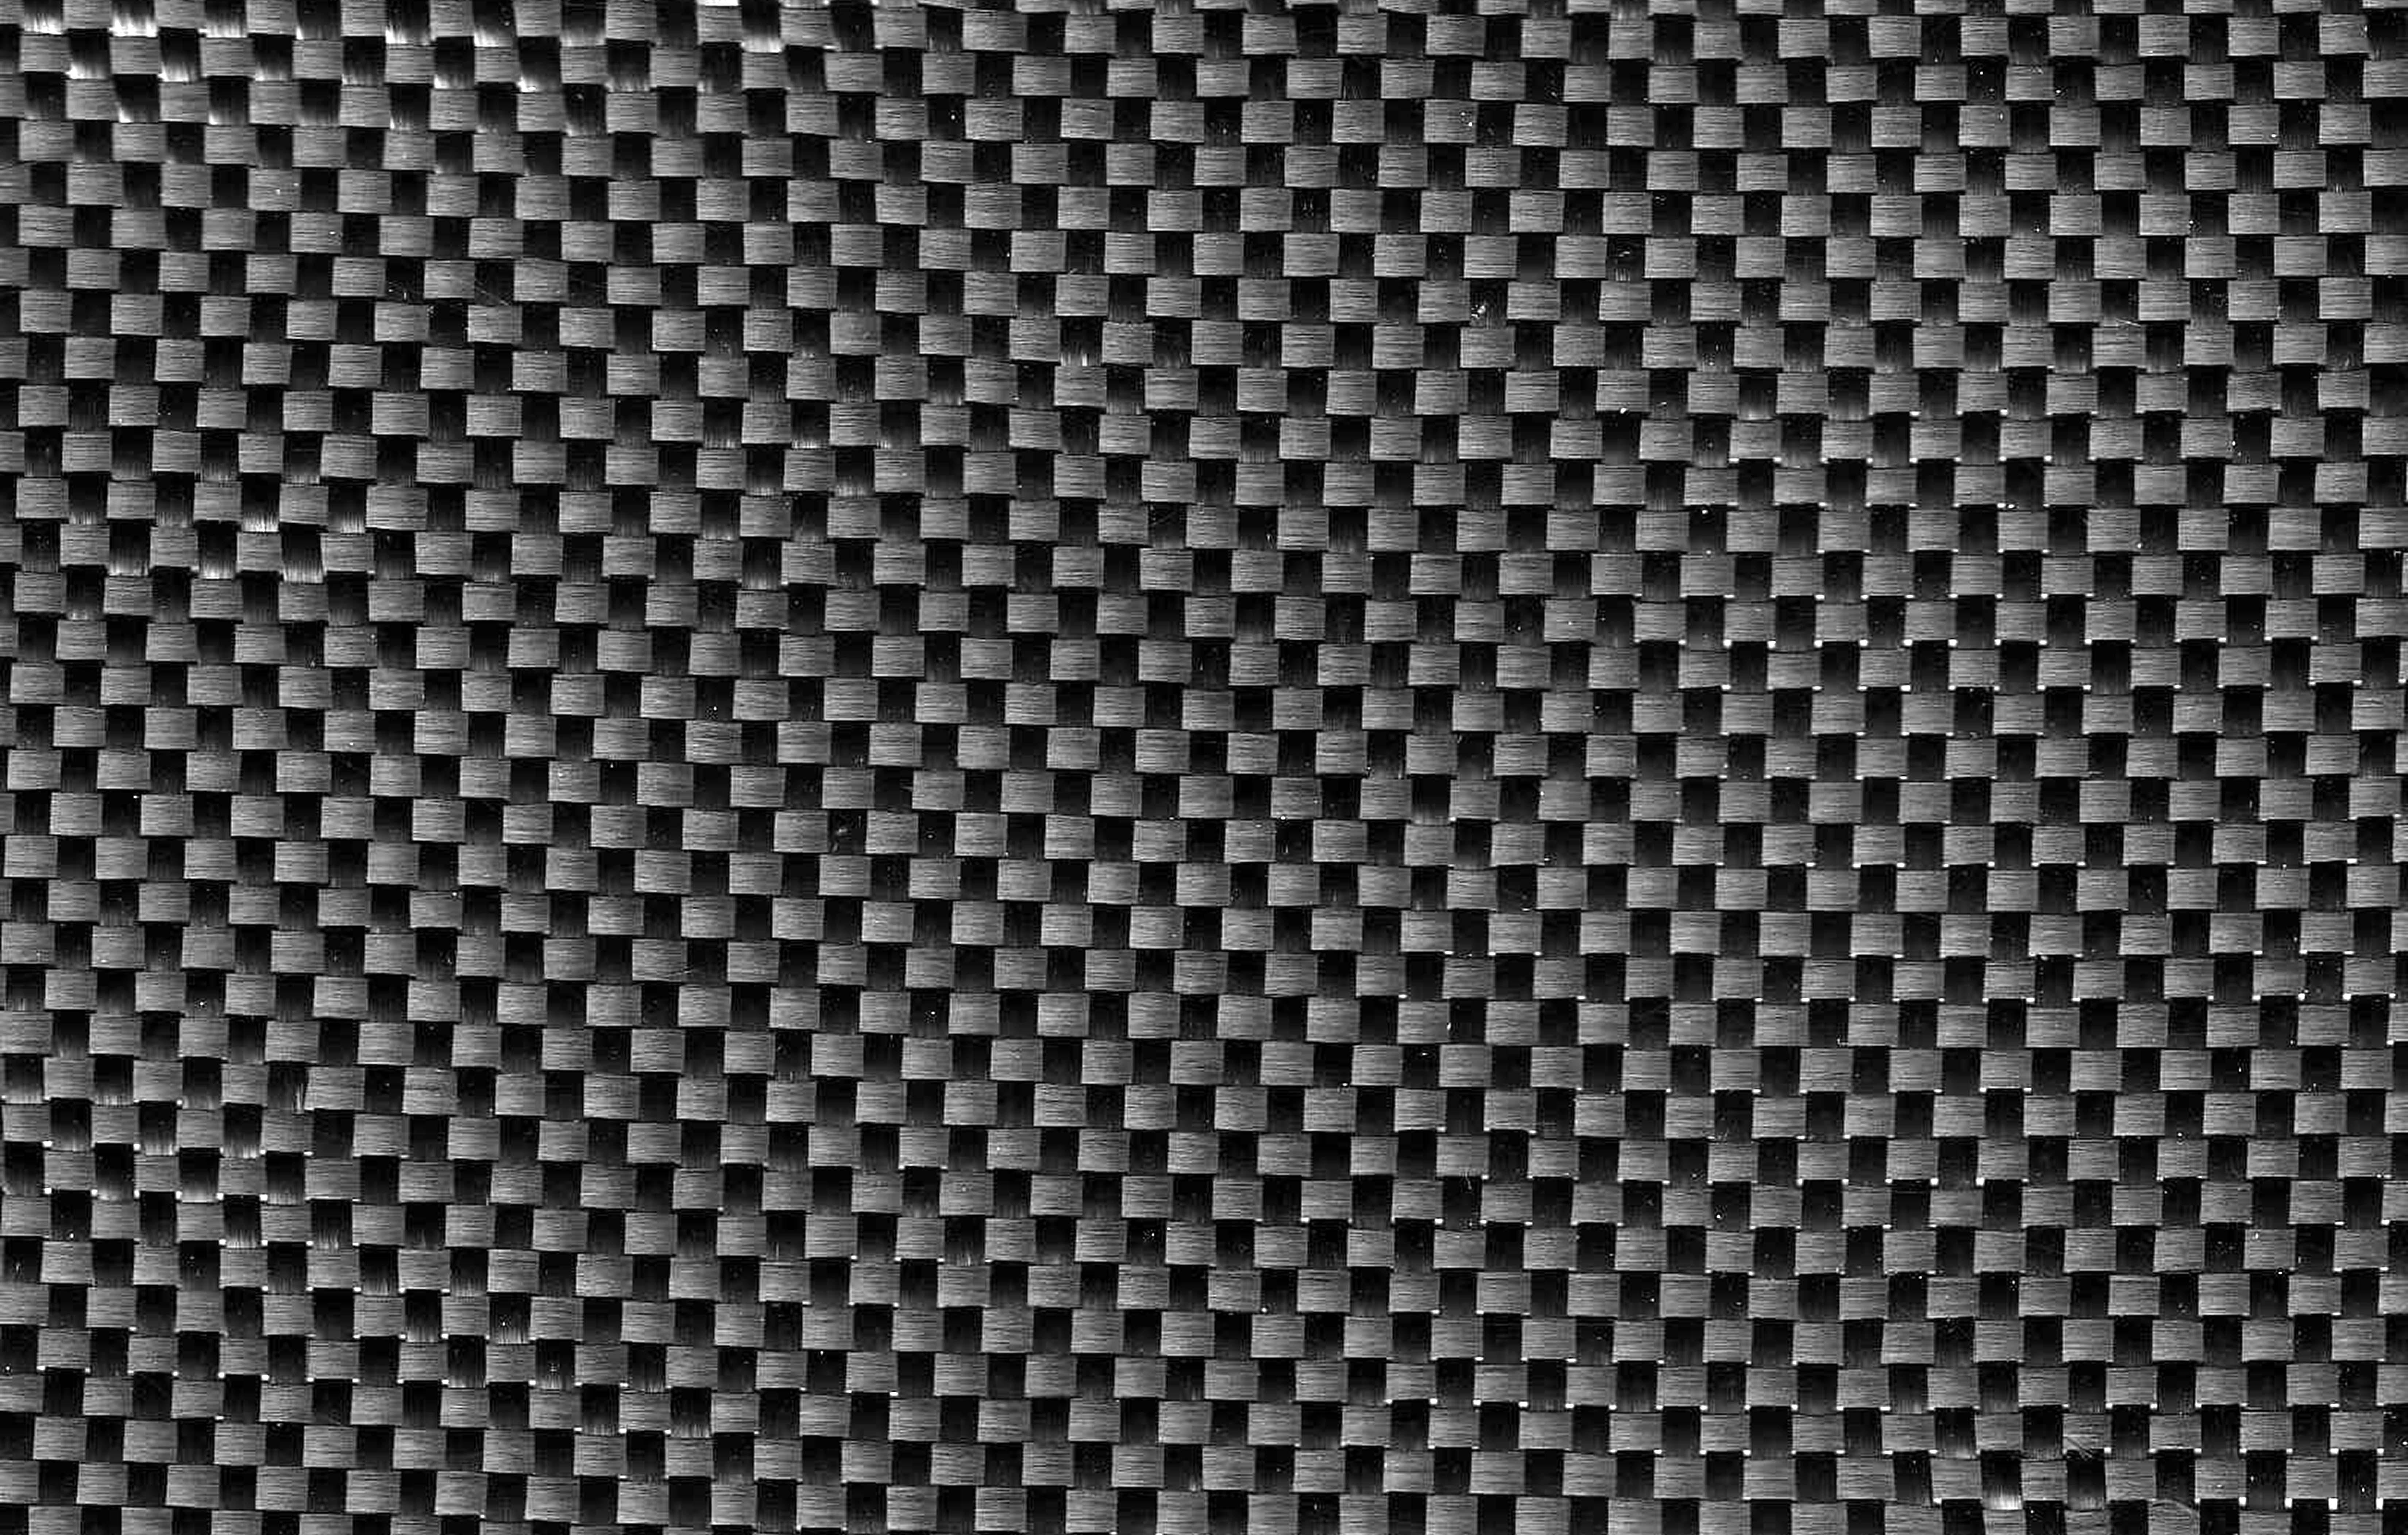 Black Carbon Fibre Wallpapers - Wallpaper Cave